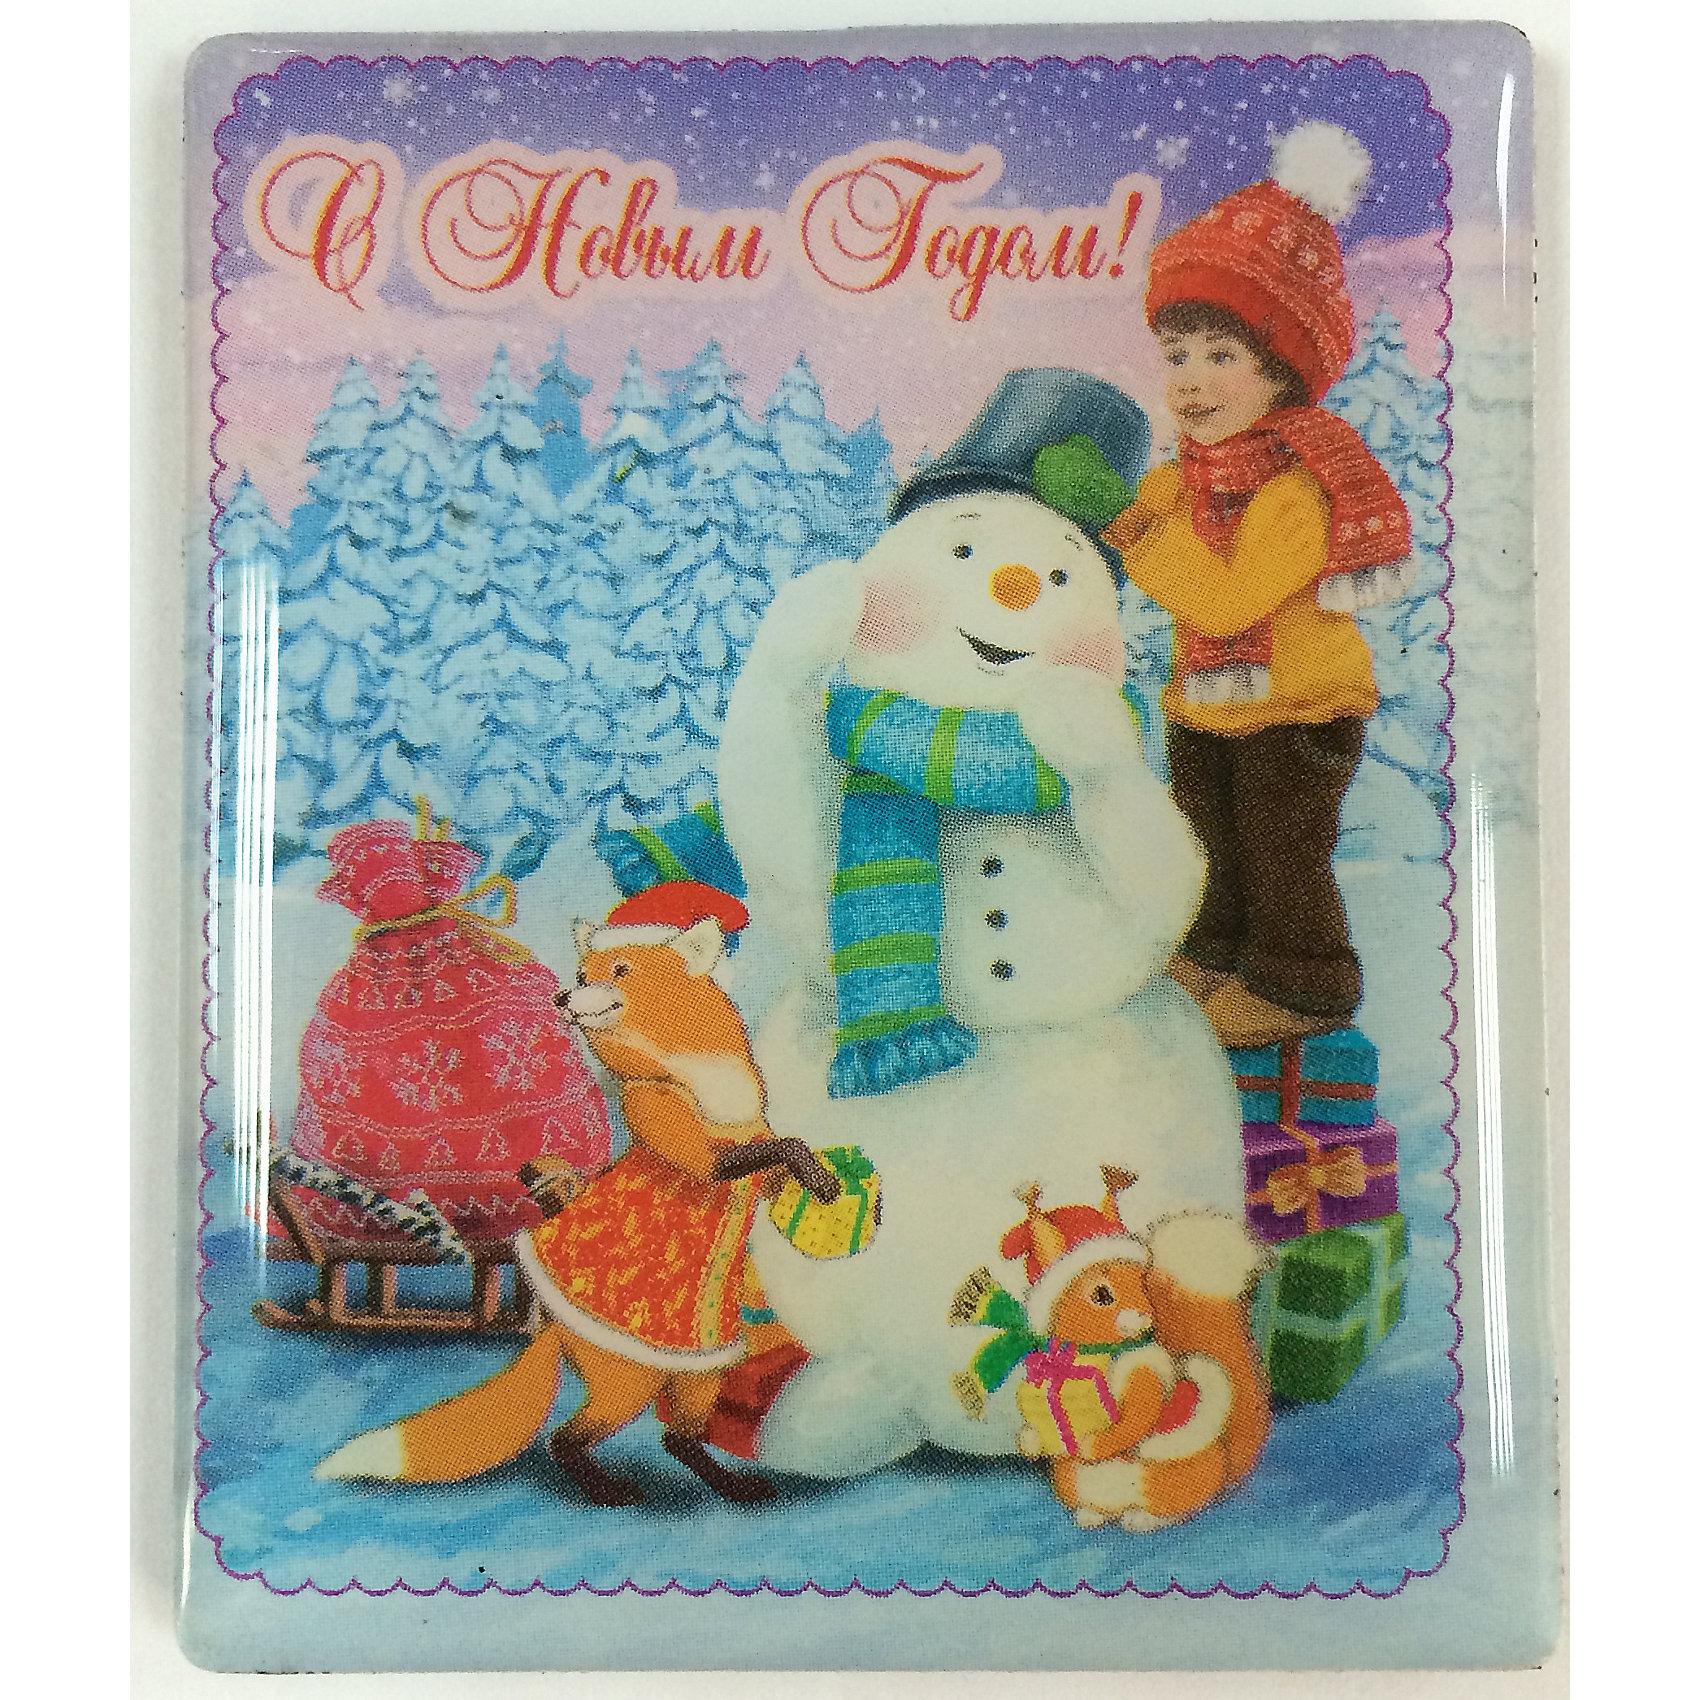 Магнит Мальчик и снеговикНовинки Новый Год<br>Магнит Мальчик и снеговик, Феникс-Презент, добавит праздничности в Ваш новогодний интерьер и поднимет настроение. Магнит прямоугольной формы украшен красочным изображением мальчика, лепящего снеговика вместе с милыми лесными зверюшками. <br><br>Дополнительная информация:<br><br>- Материал магнита: агломерированный феррит.<br>- Размер магнита: 6 х 5 см.<br><br>Магнит Мальчик и снеговик, Феникс-Презент, можно купить в нашем интернет-магазине.<br><br>Ширина мм: 100<br>Глубина мм: 100<br>Высота мм: 100<br>Вес г: 100<br>Возраст от месяцев: 36<br>Возраст до месяцев: 2147483647<br>Пол: Унисекс<br>Возраст: Детский<br>SKU: 4276542